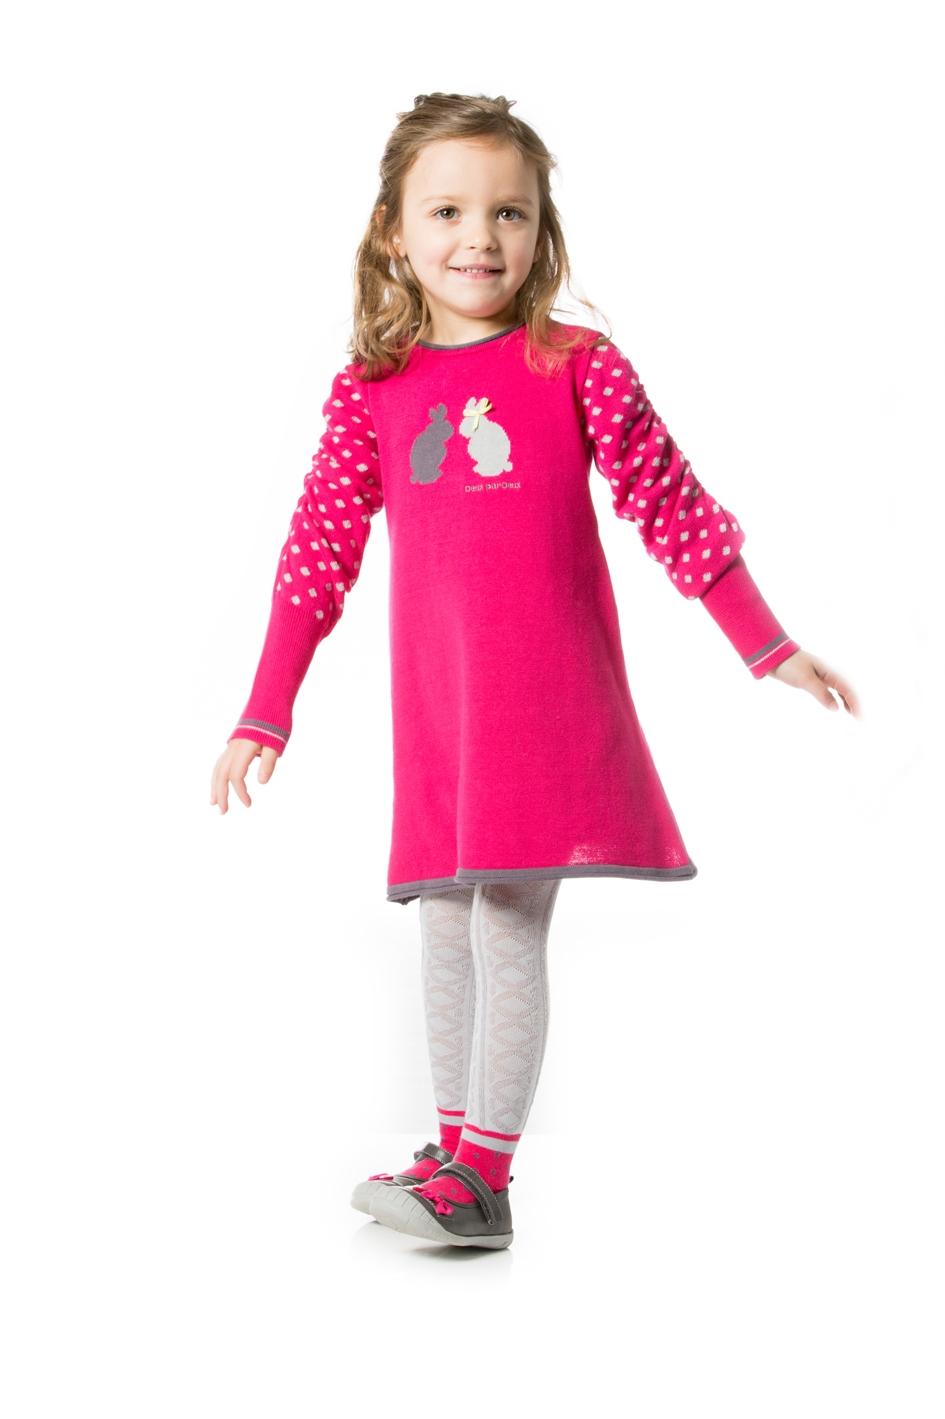 صورة فساتين اطفال شتوى , ملابس شتويه للاطفال 4535 6